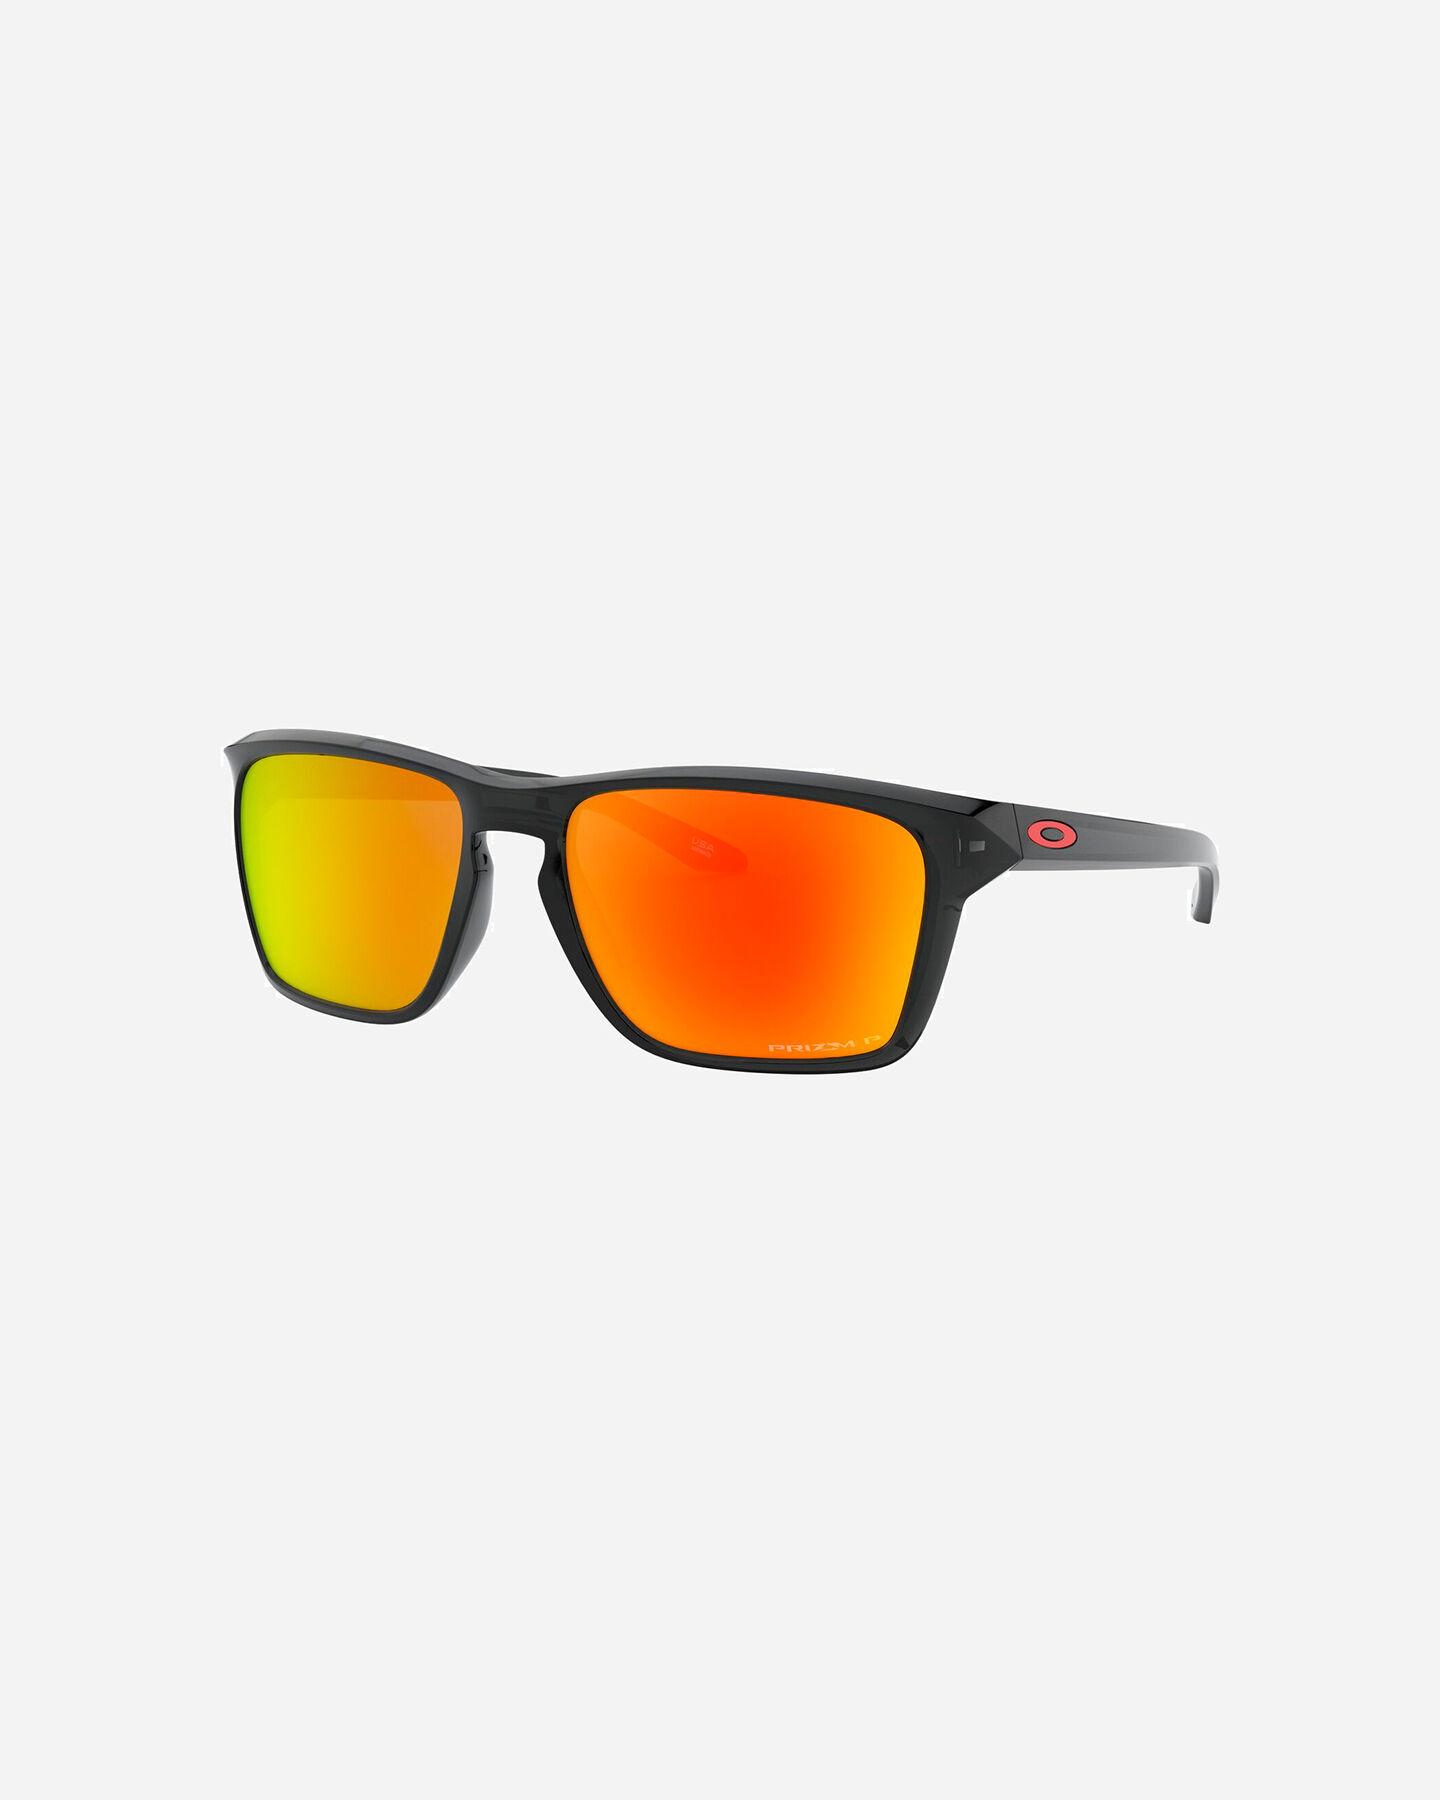 Occhiali OAKLEY SYLAS S5221237|0557|57 scatto 0